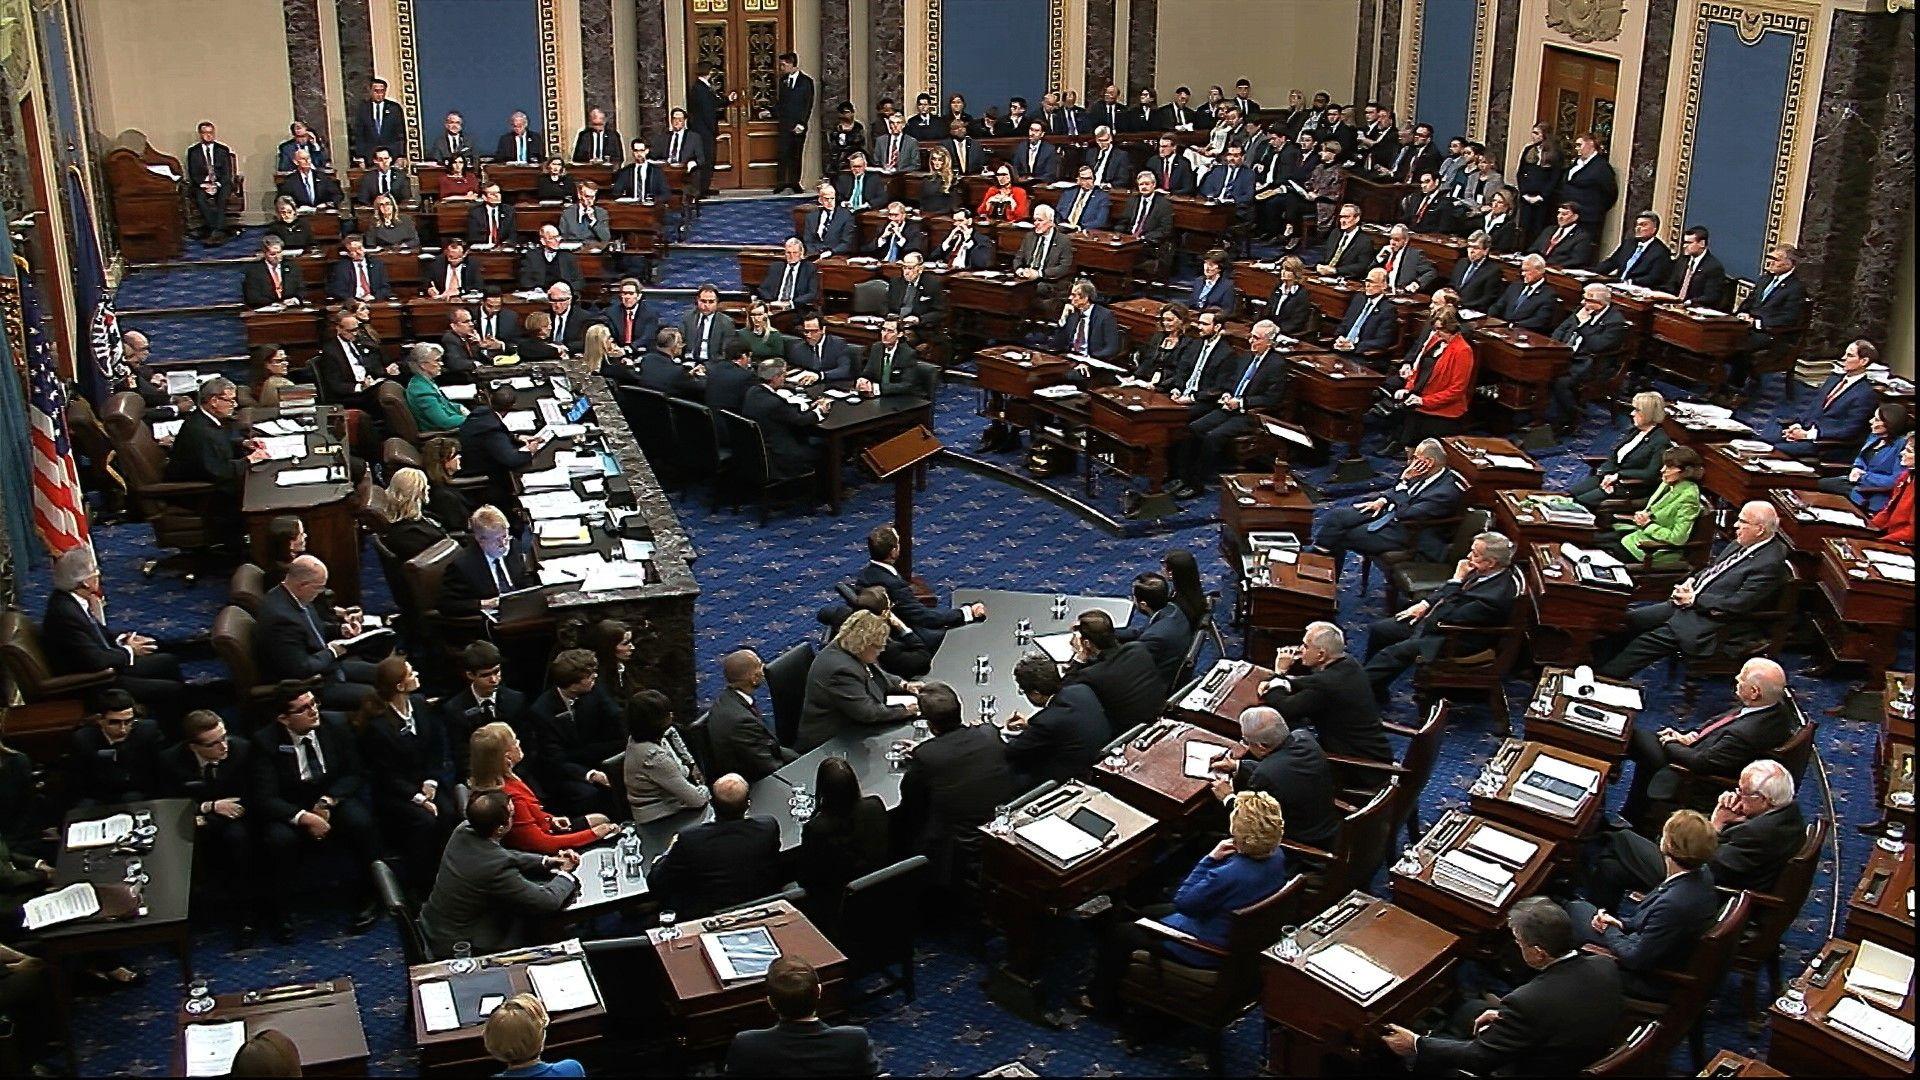 Снимка, направена от видео, показва Мит Ромни, вторият отляво на последния ред, изправен, се изказва пред сенаторите преди да гласува против Тръмп по първото обвинение - злоупотреба с власт